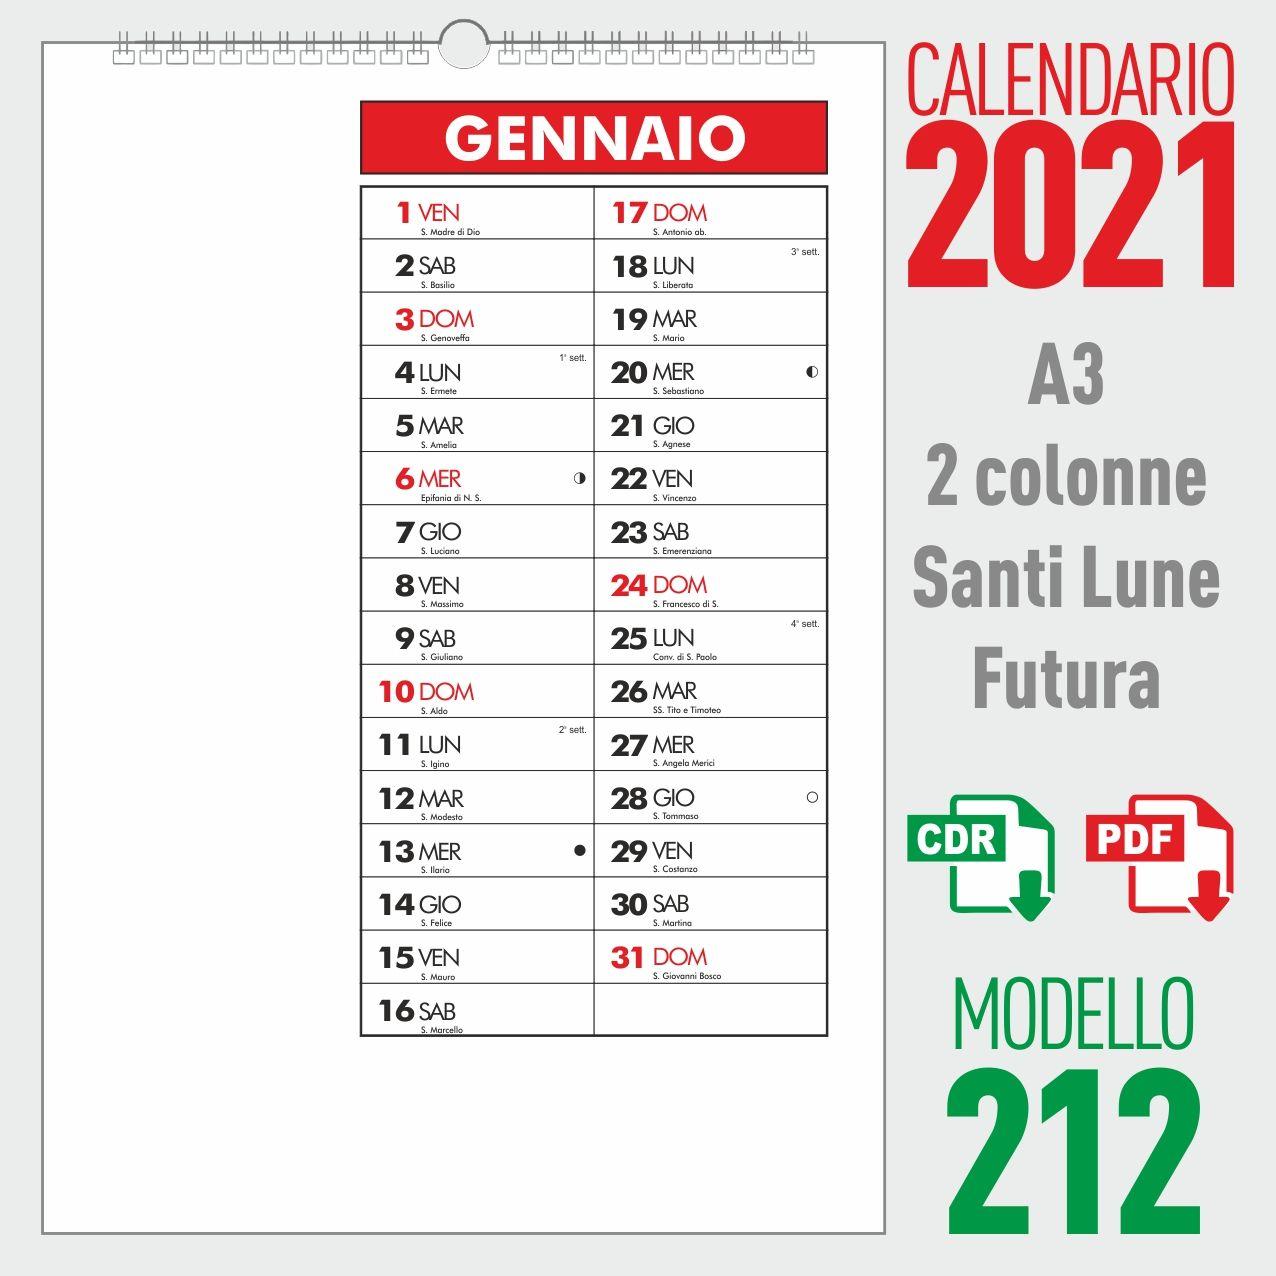 Calendario 2021 Pdf Con Foto Calendario 2021 mensile | Calendario, Idee fai da te, Colori